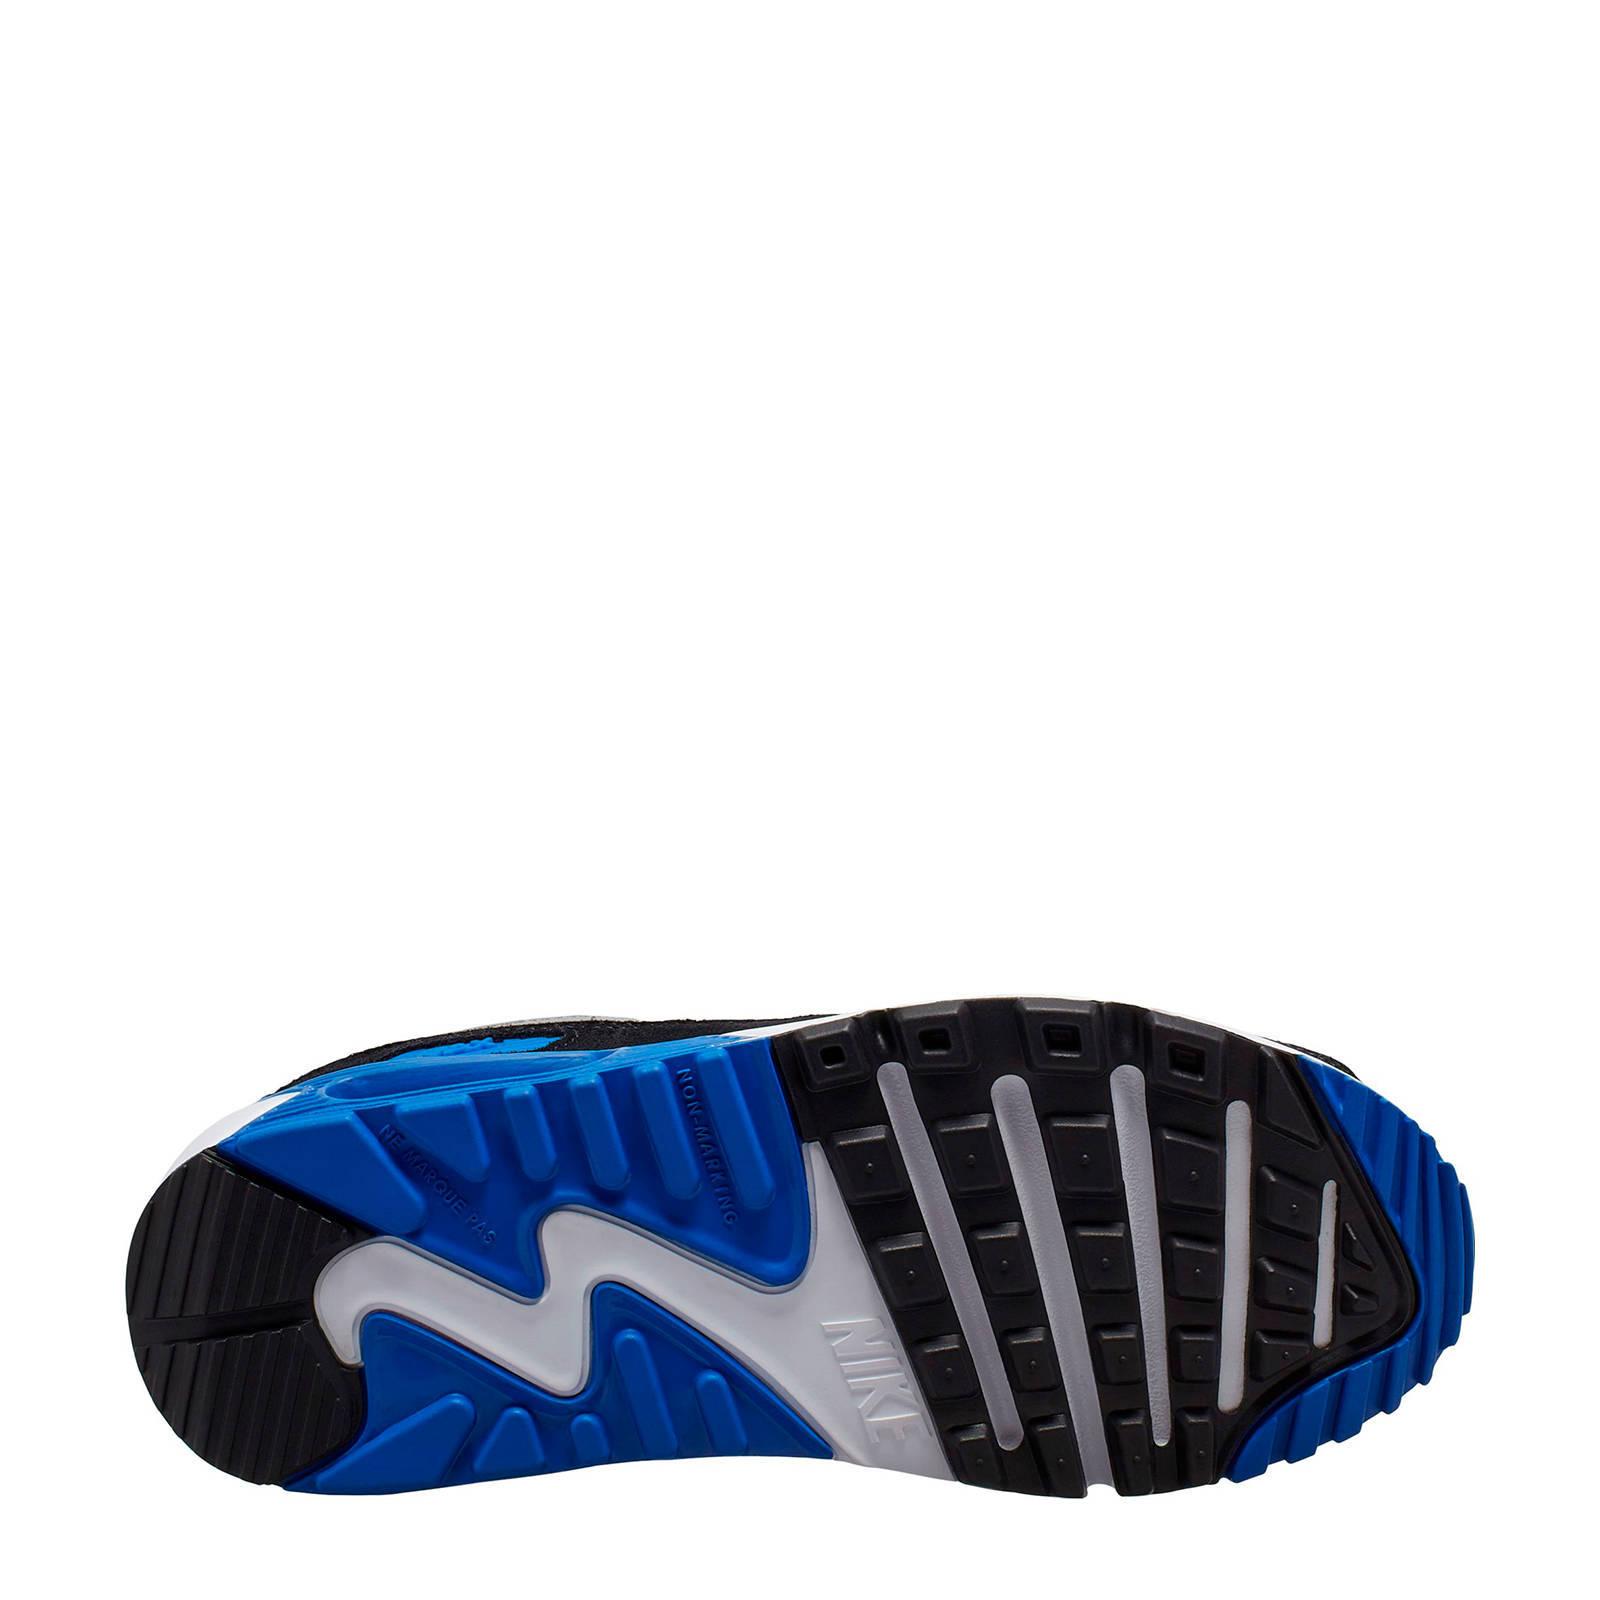 nike air max 90 ltr blauw